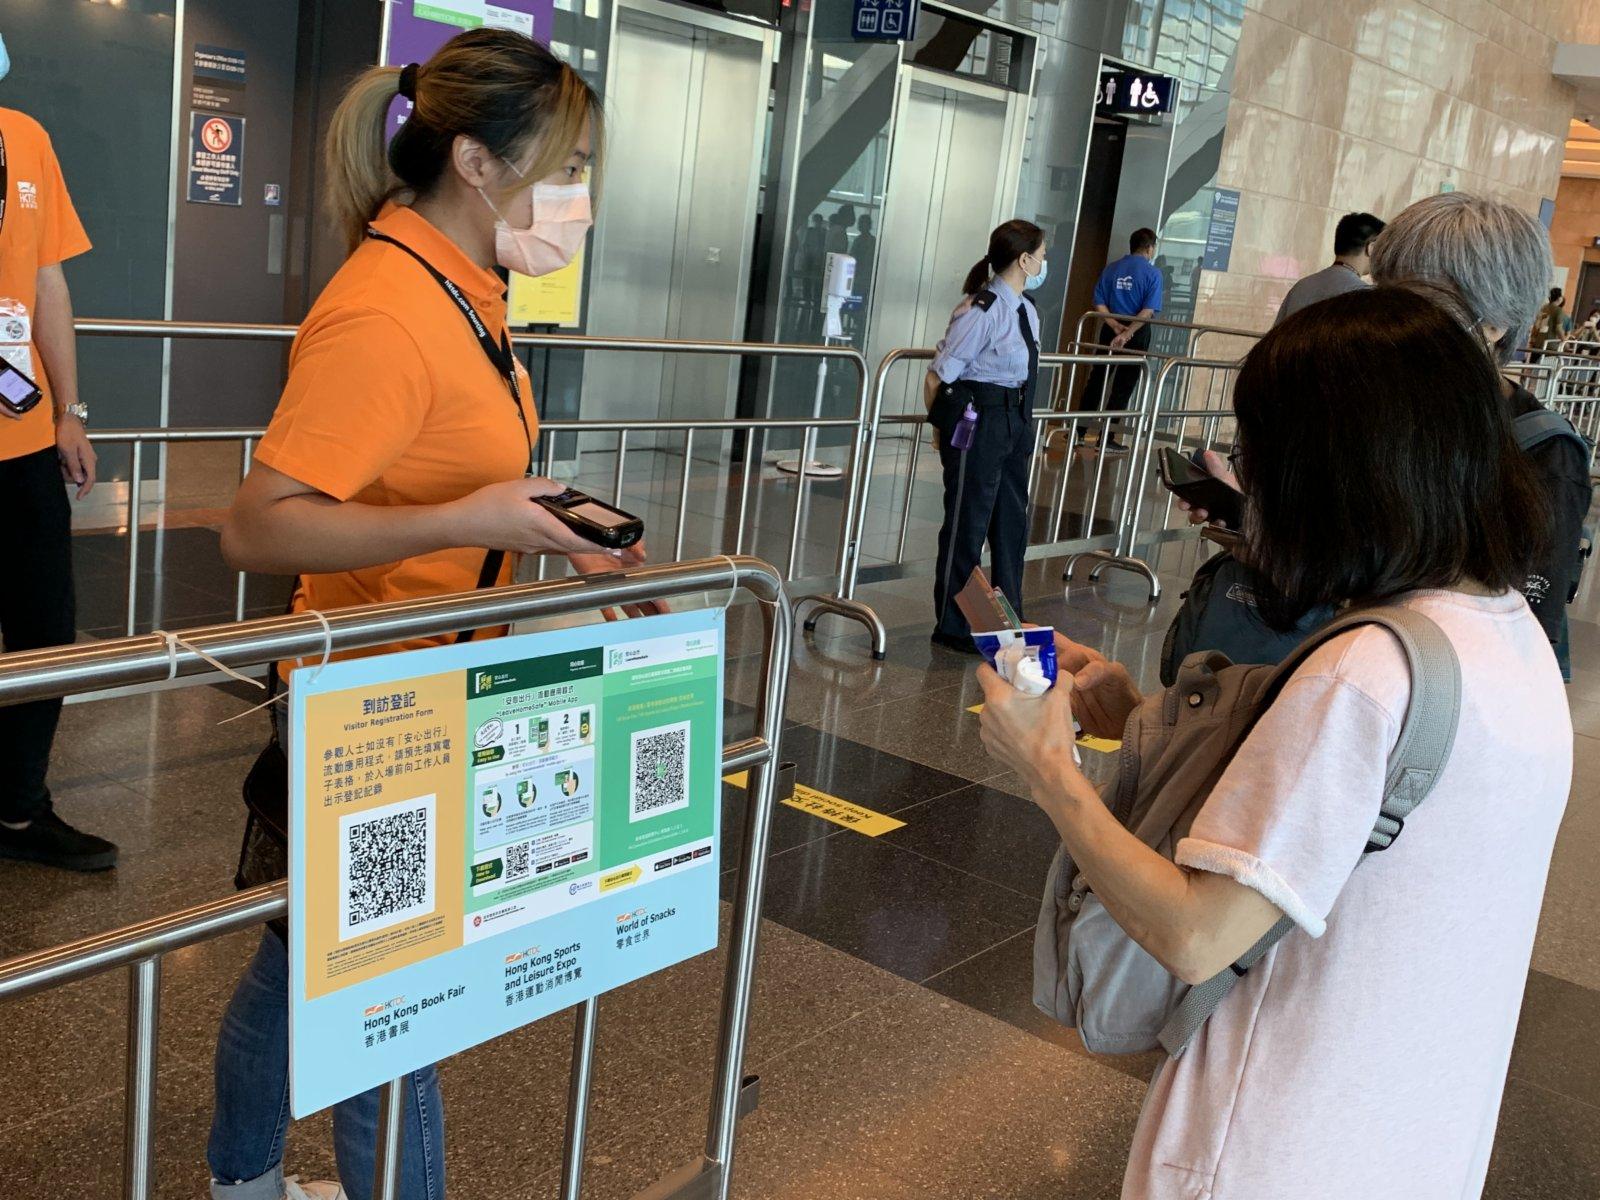 凡入場者都需掃描安心出行或填寫到訪者登記表。(記者黃思鴻攝)